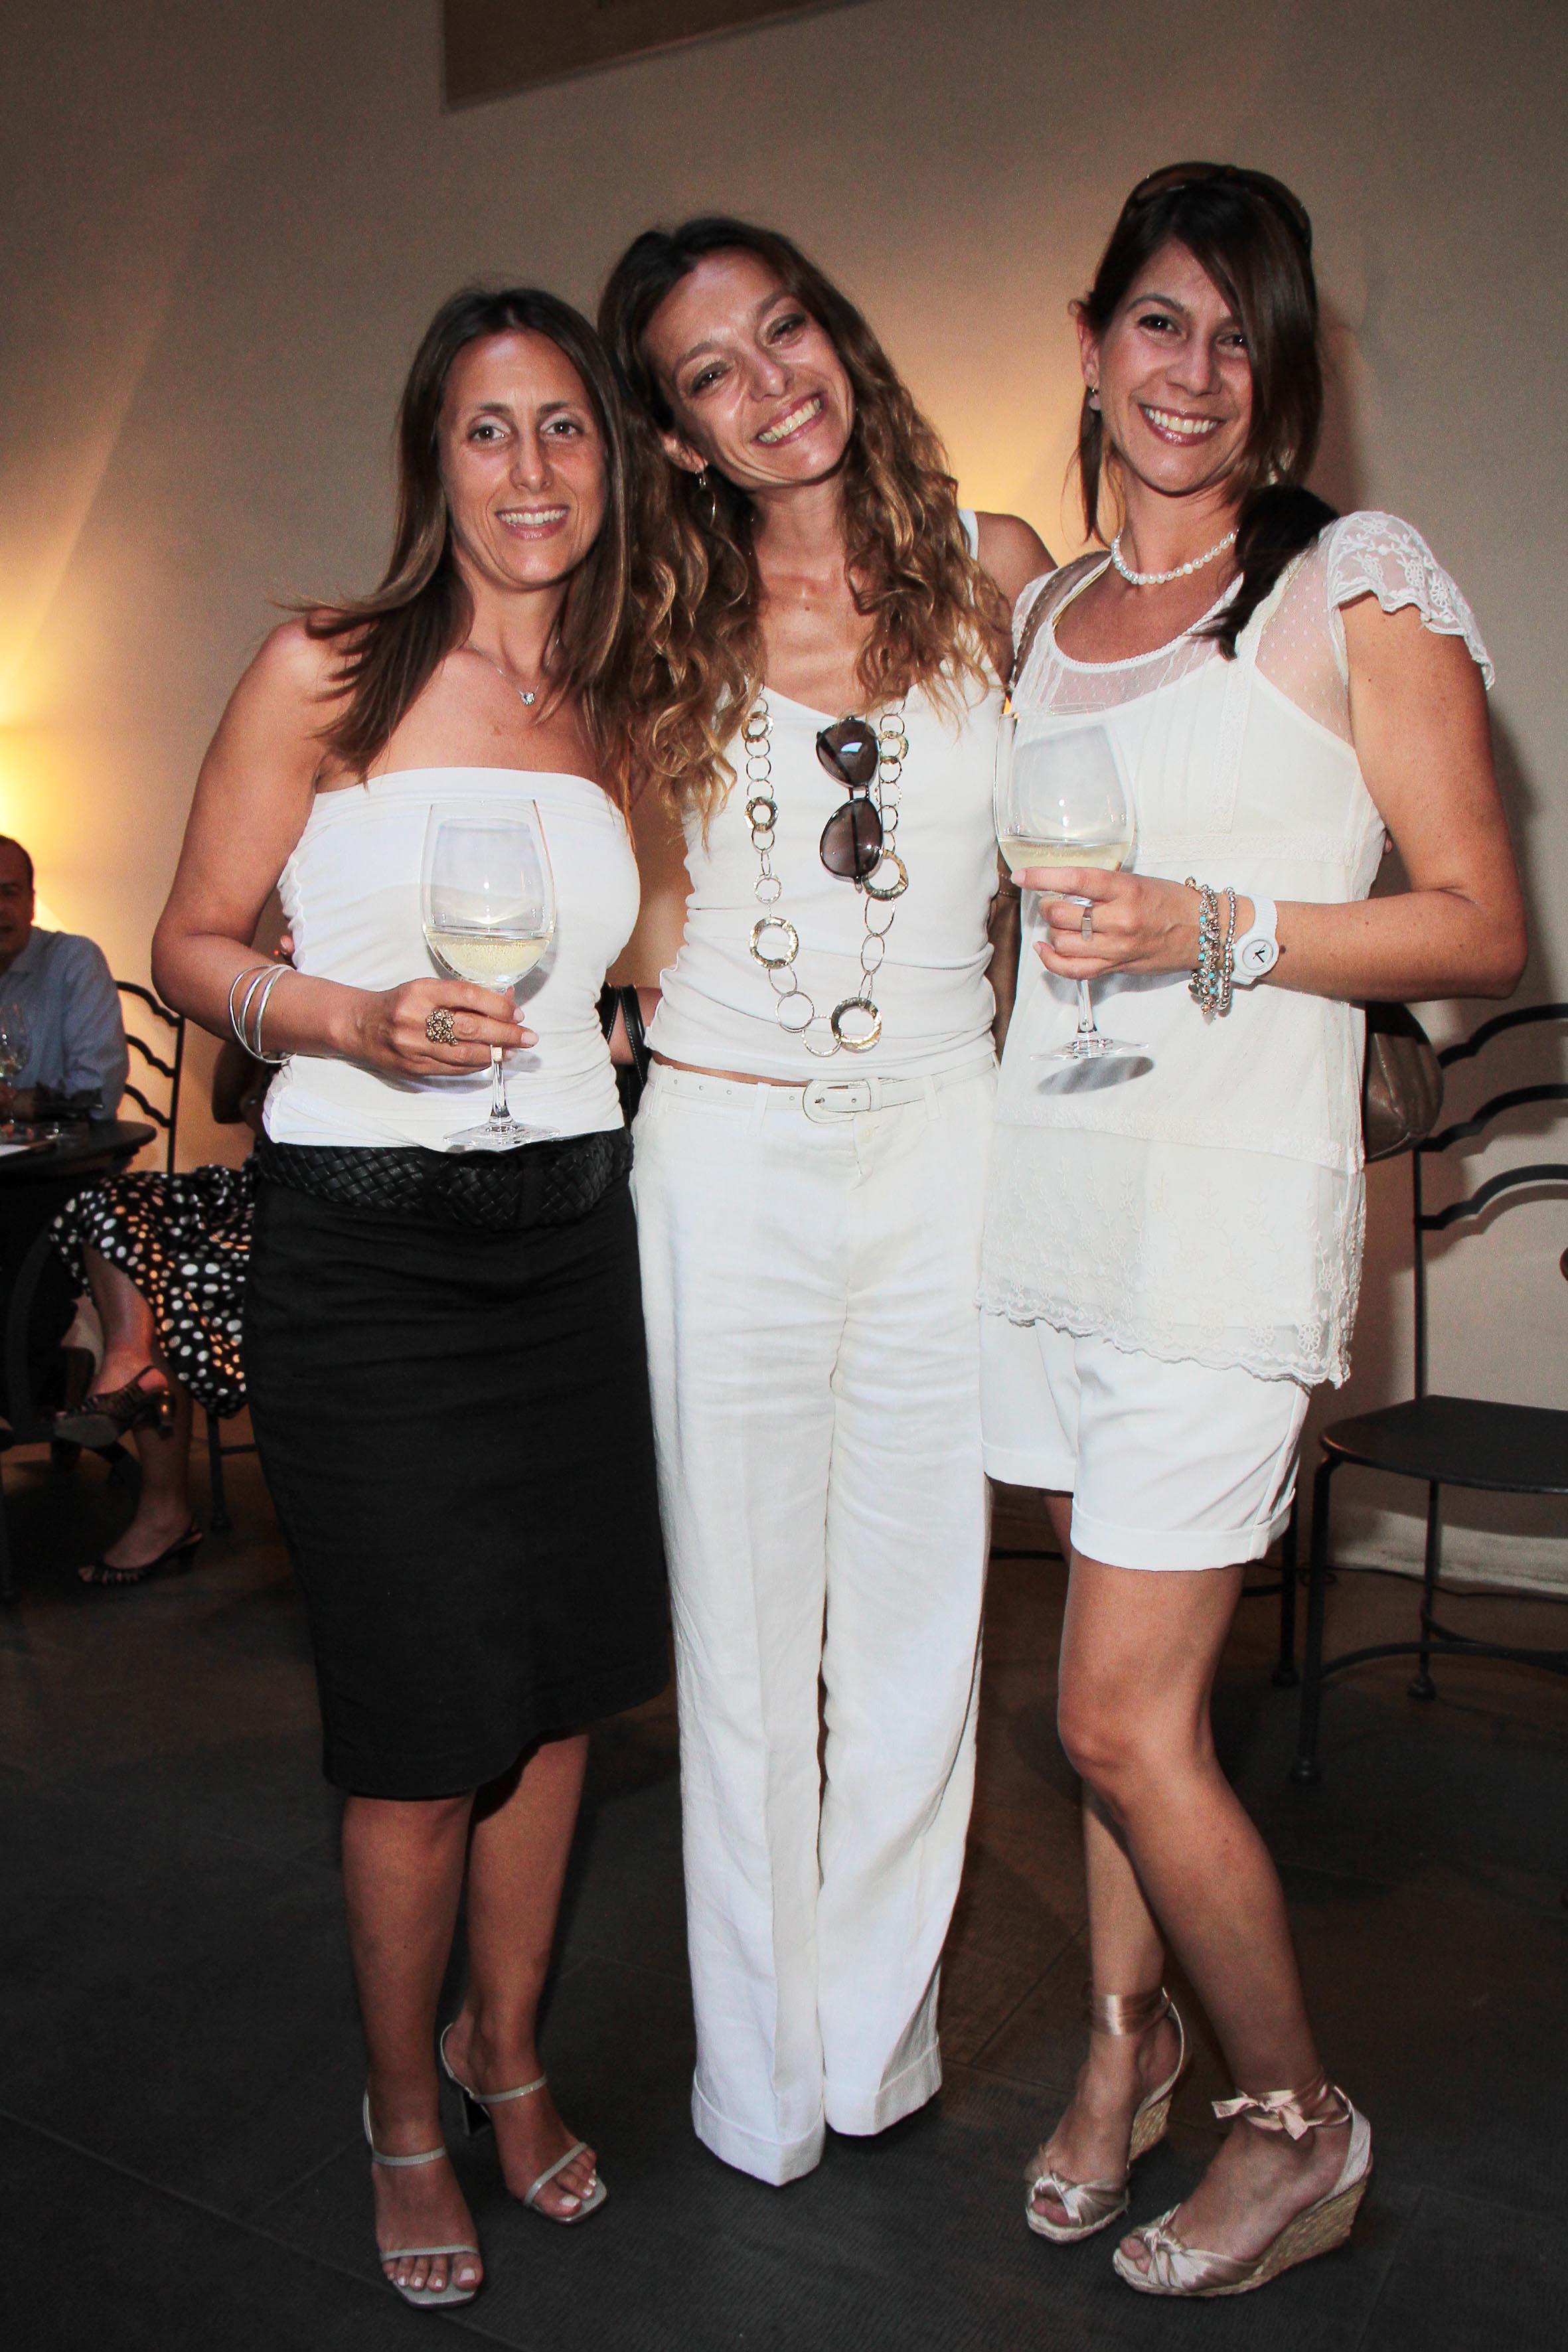 PRESSPHOTO Firenze, Obikà aperitivo. Nella foto Beatrice Soderi, Diana Velez e Barbara Caggiati  giuseppe cabras/new press photo